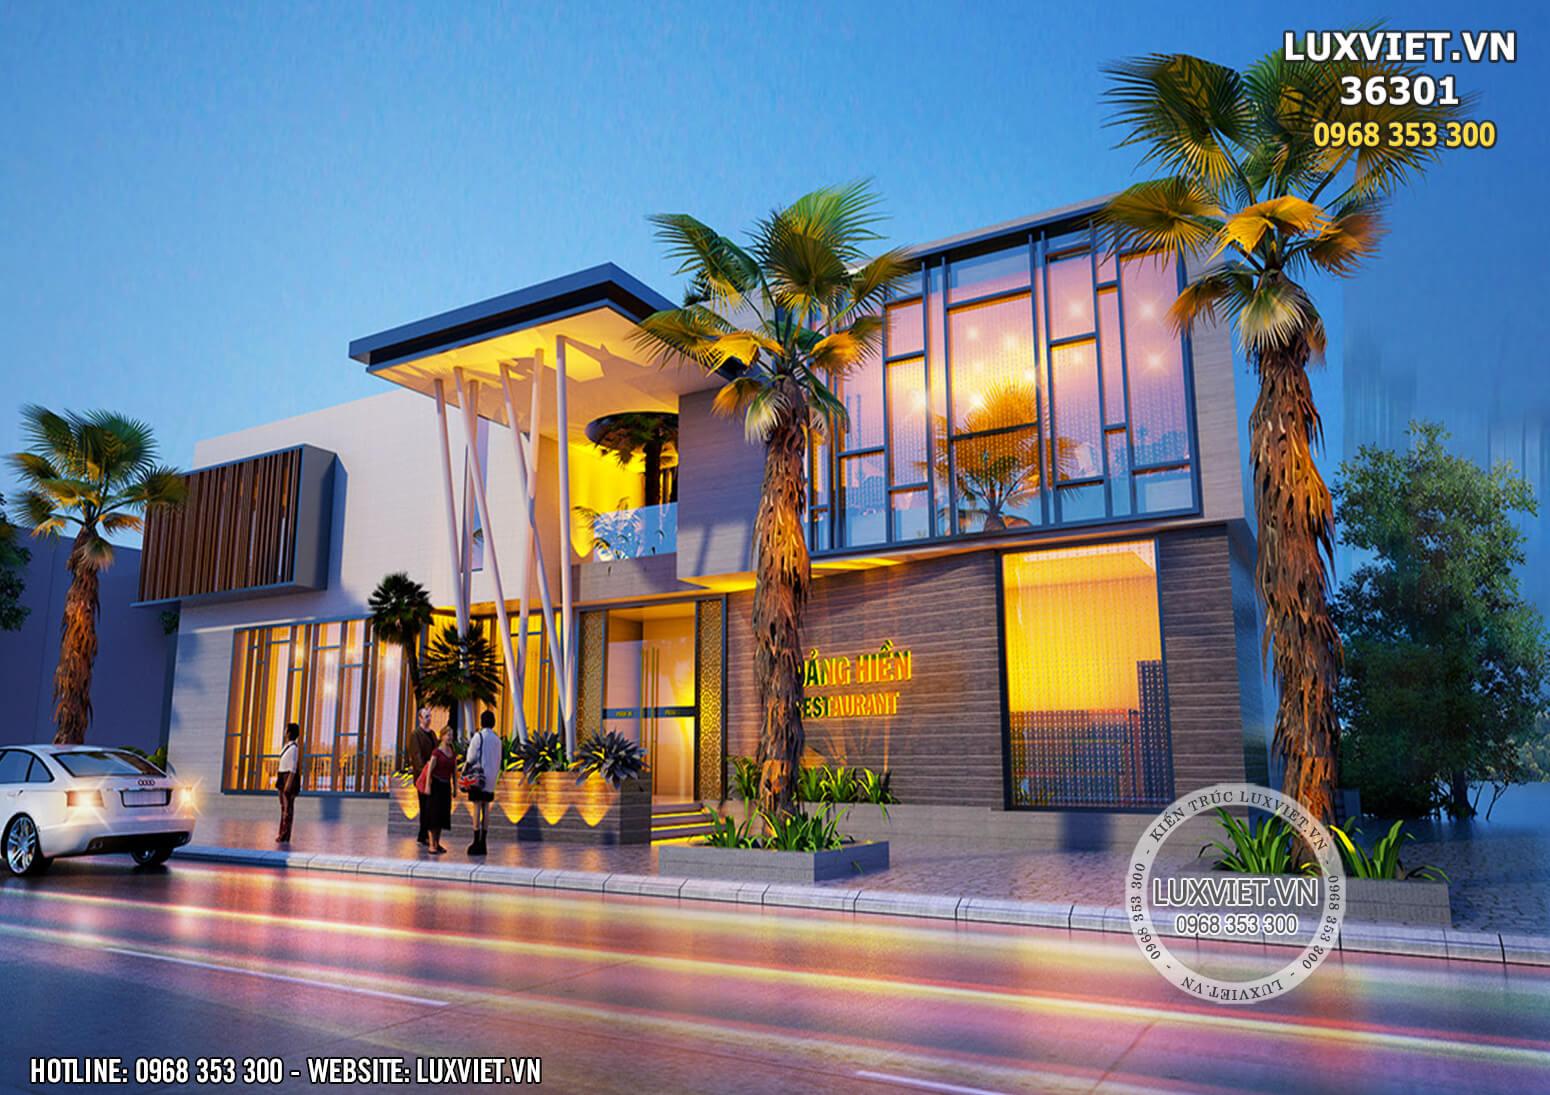 Hình ảnh: Phương án 2 của không gian mặt tiền của ý tưởng thiết kế nhà hàng 3 tầng